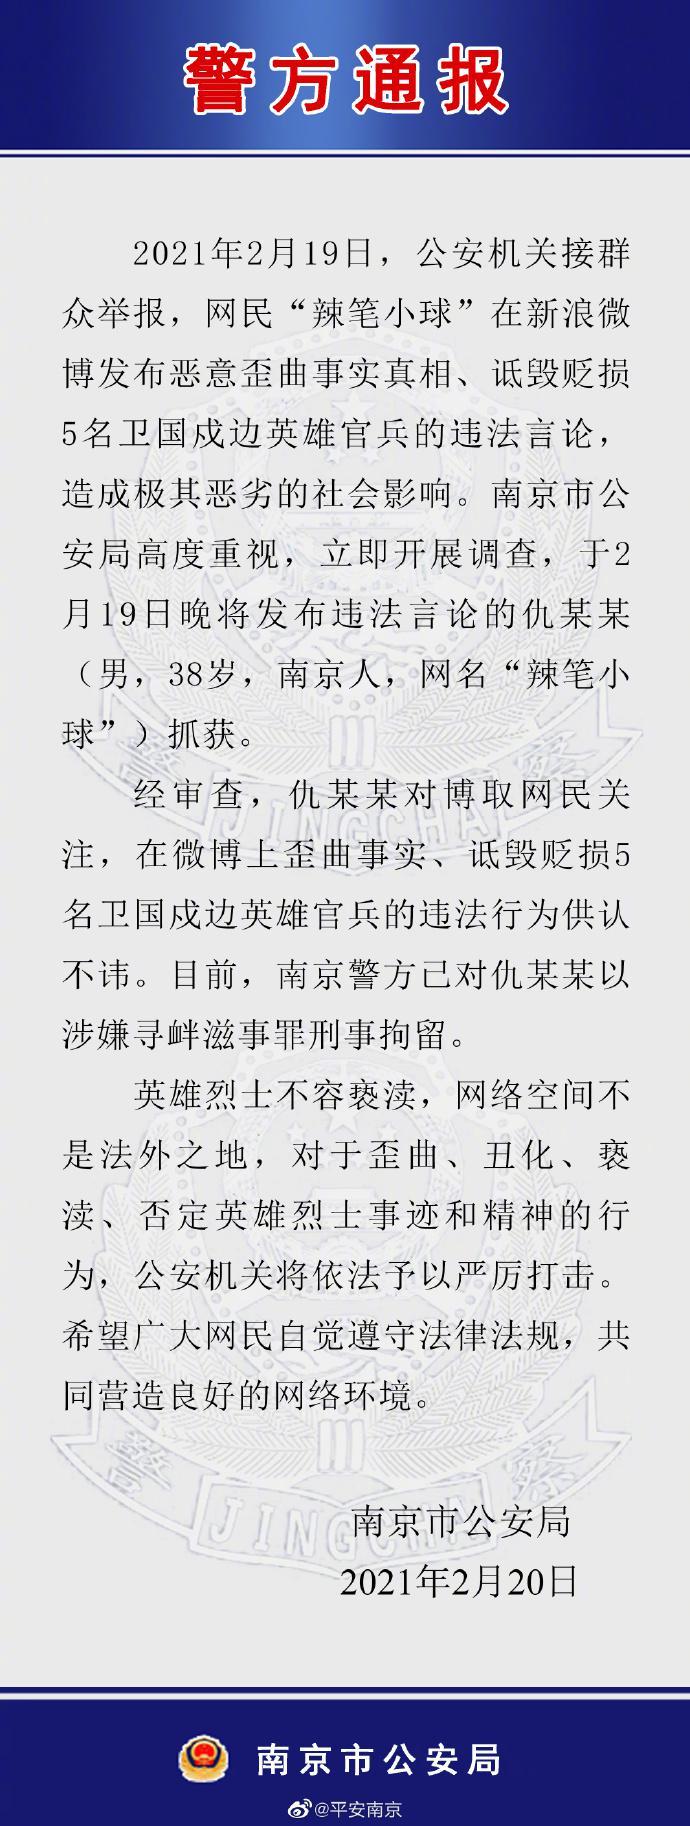 网民辣笔小球诋毁卫国戍边英烈被刑事拘留